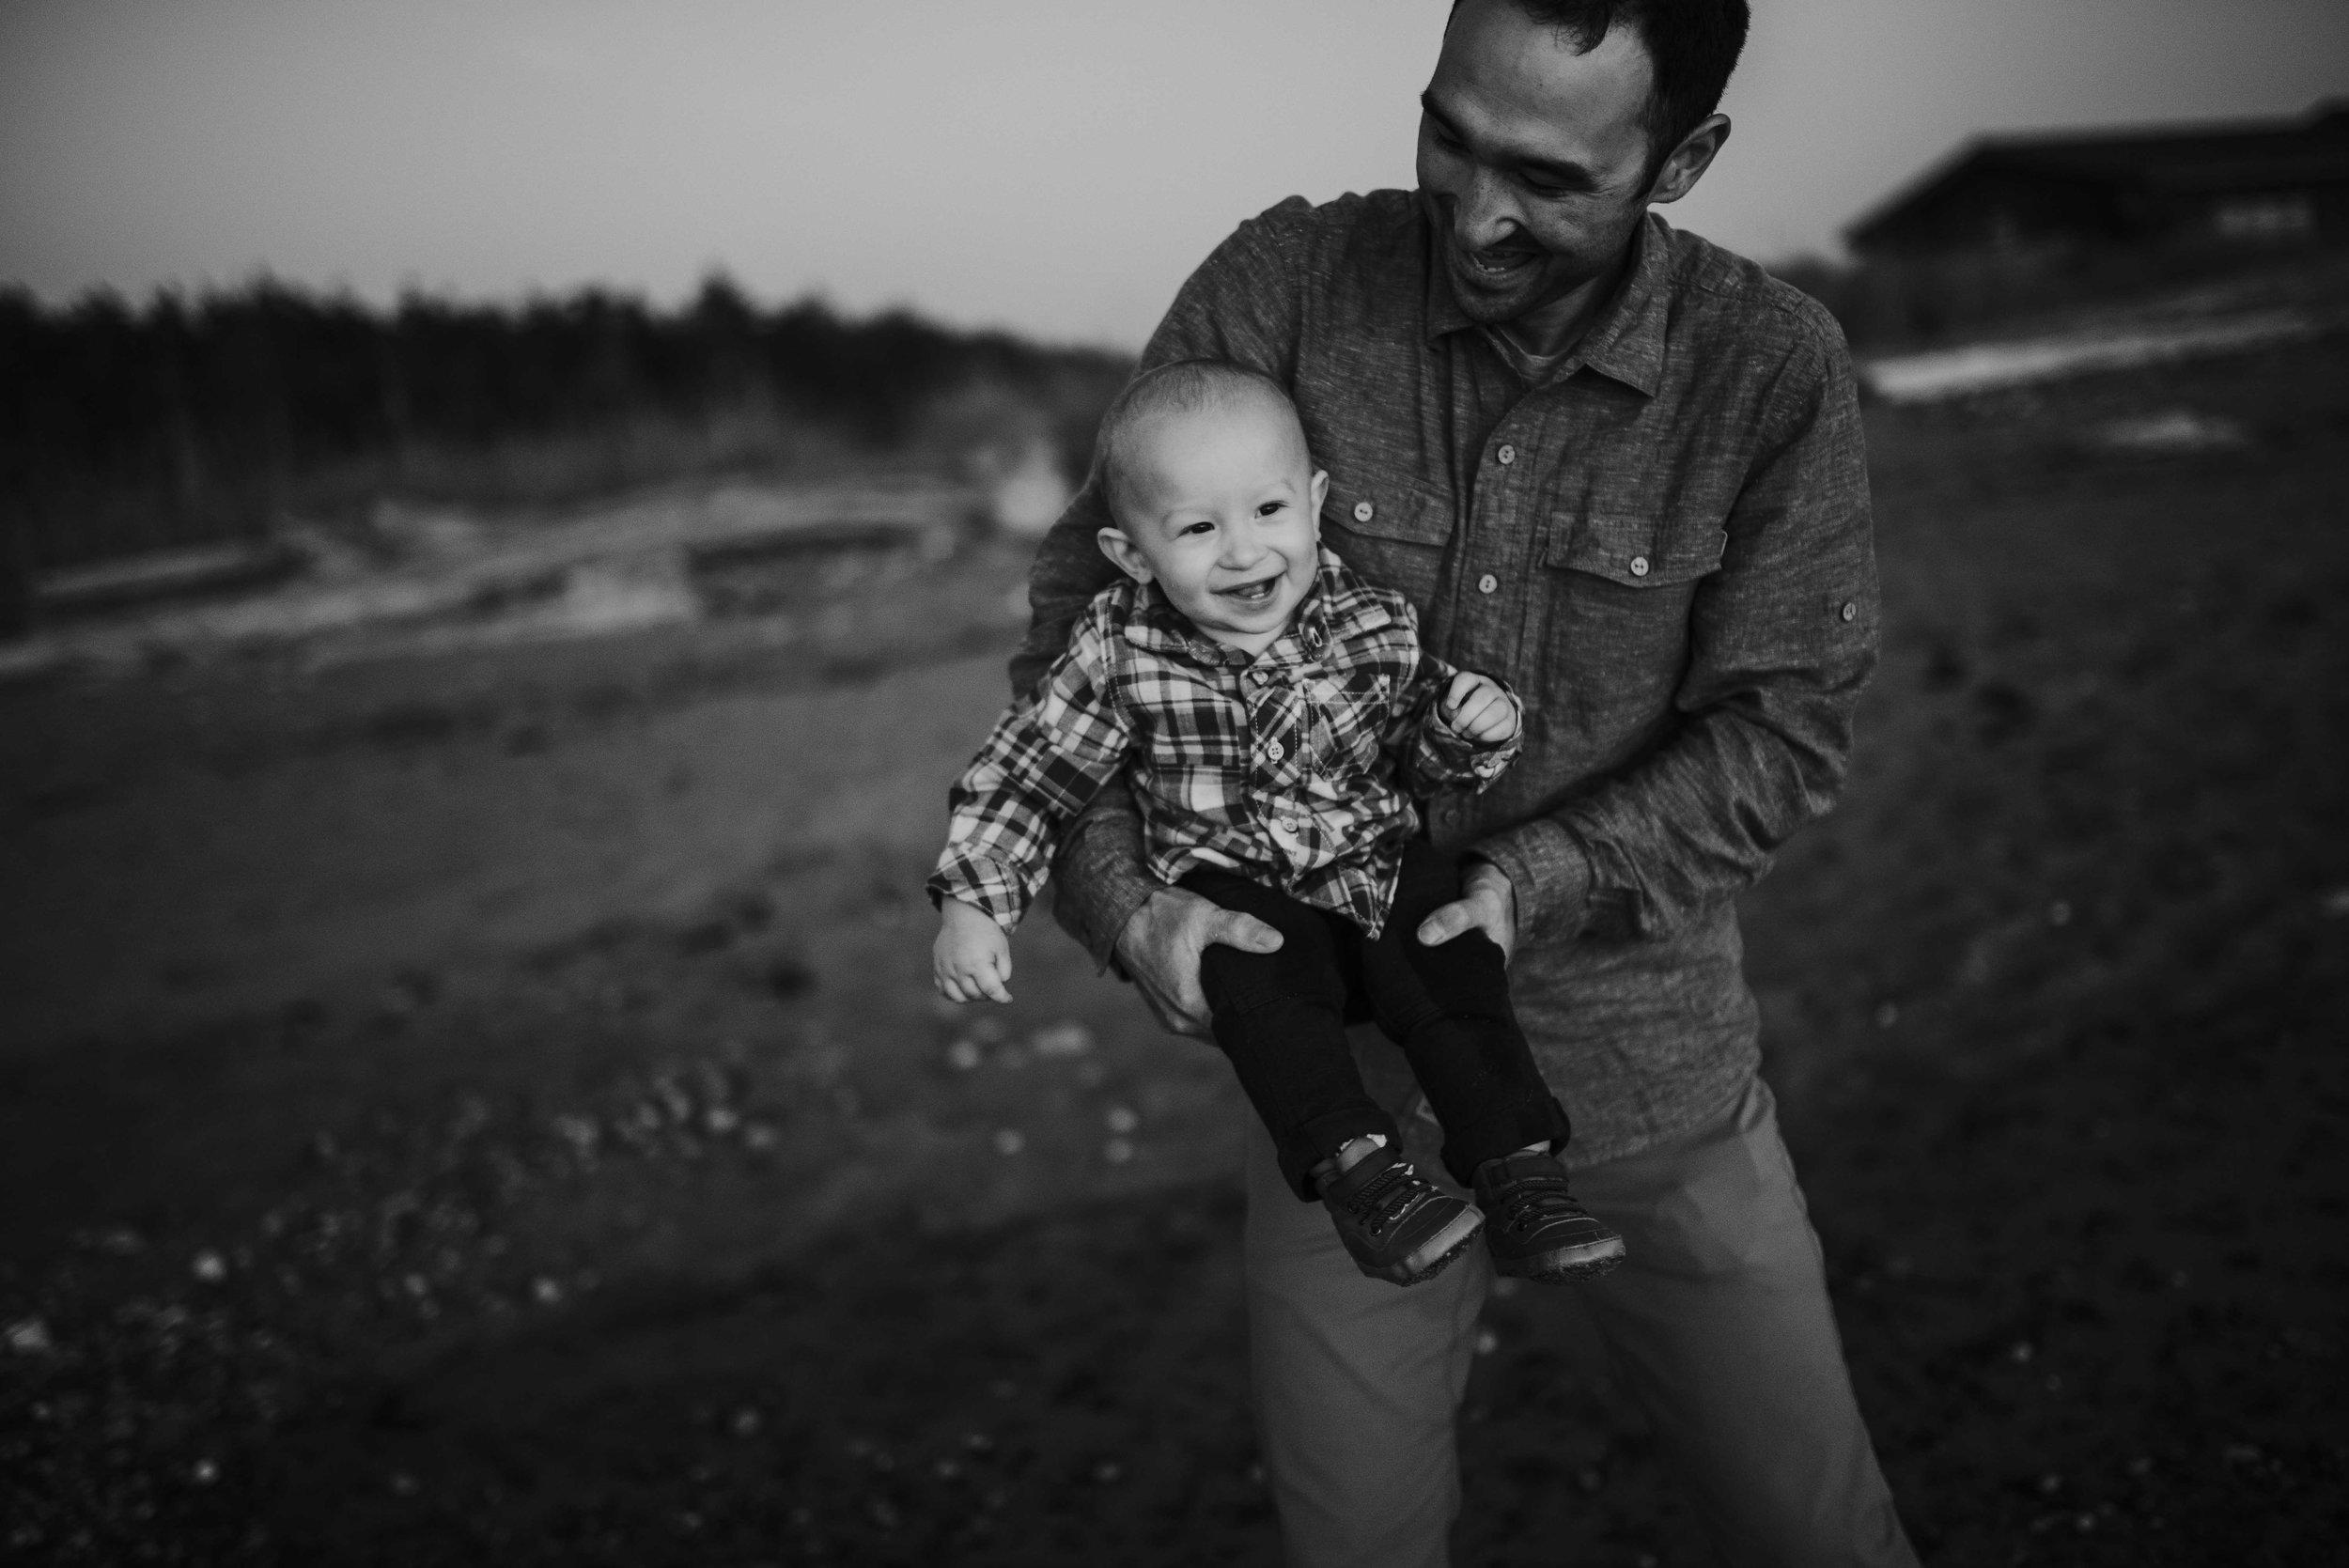 Oak-Harbor-Photographer-J-Hodges-46.jpg